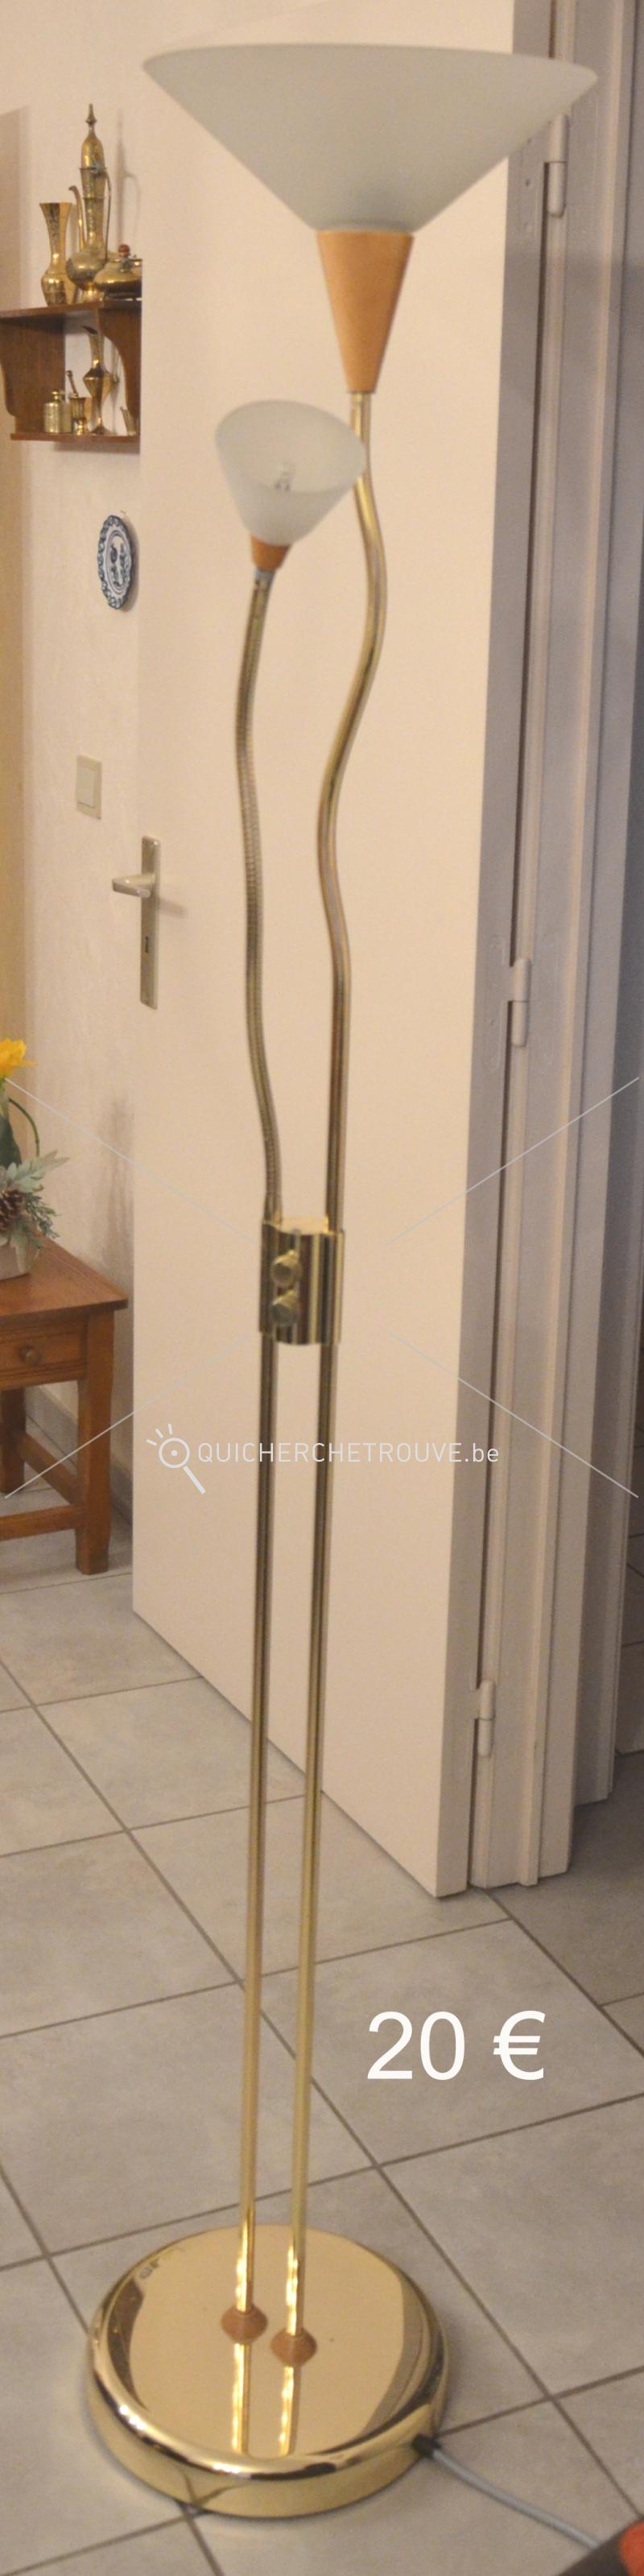 A vendre lampe halog ne petites annonces maison d corations belgique - Lampe sur pied a vendre ...